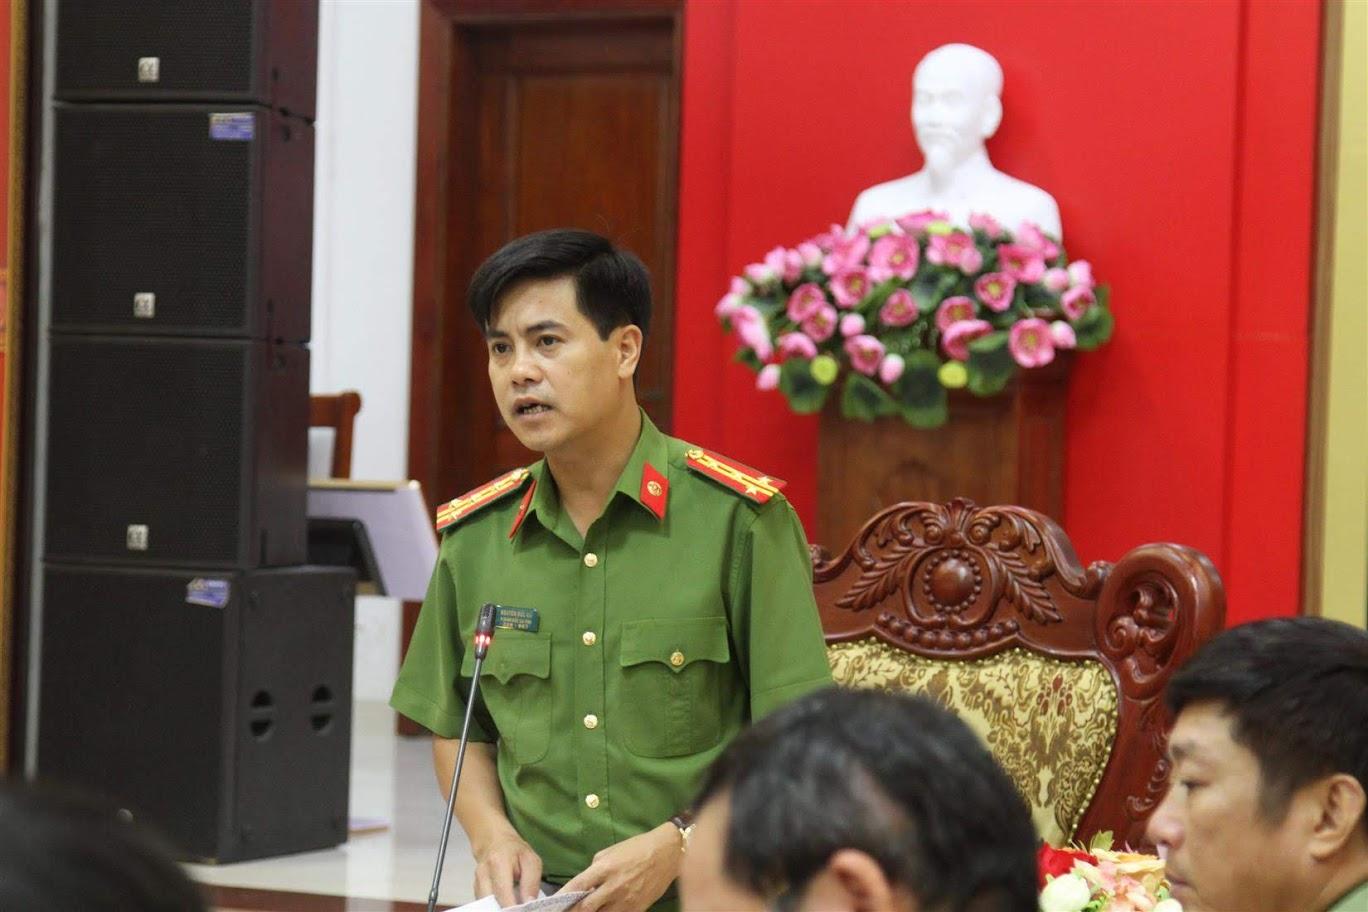 Đồng chí Đại tá Nguyễn Đức Hải, Phó Giám đốc Công an tỉnh chủ trì cuộc họp